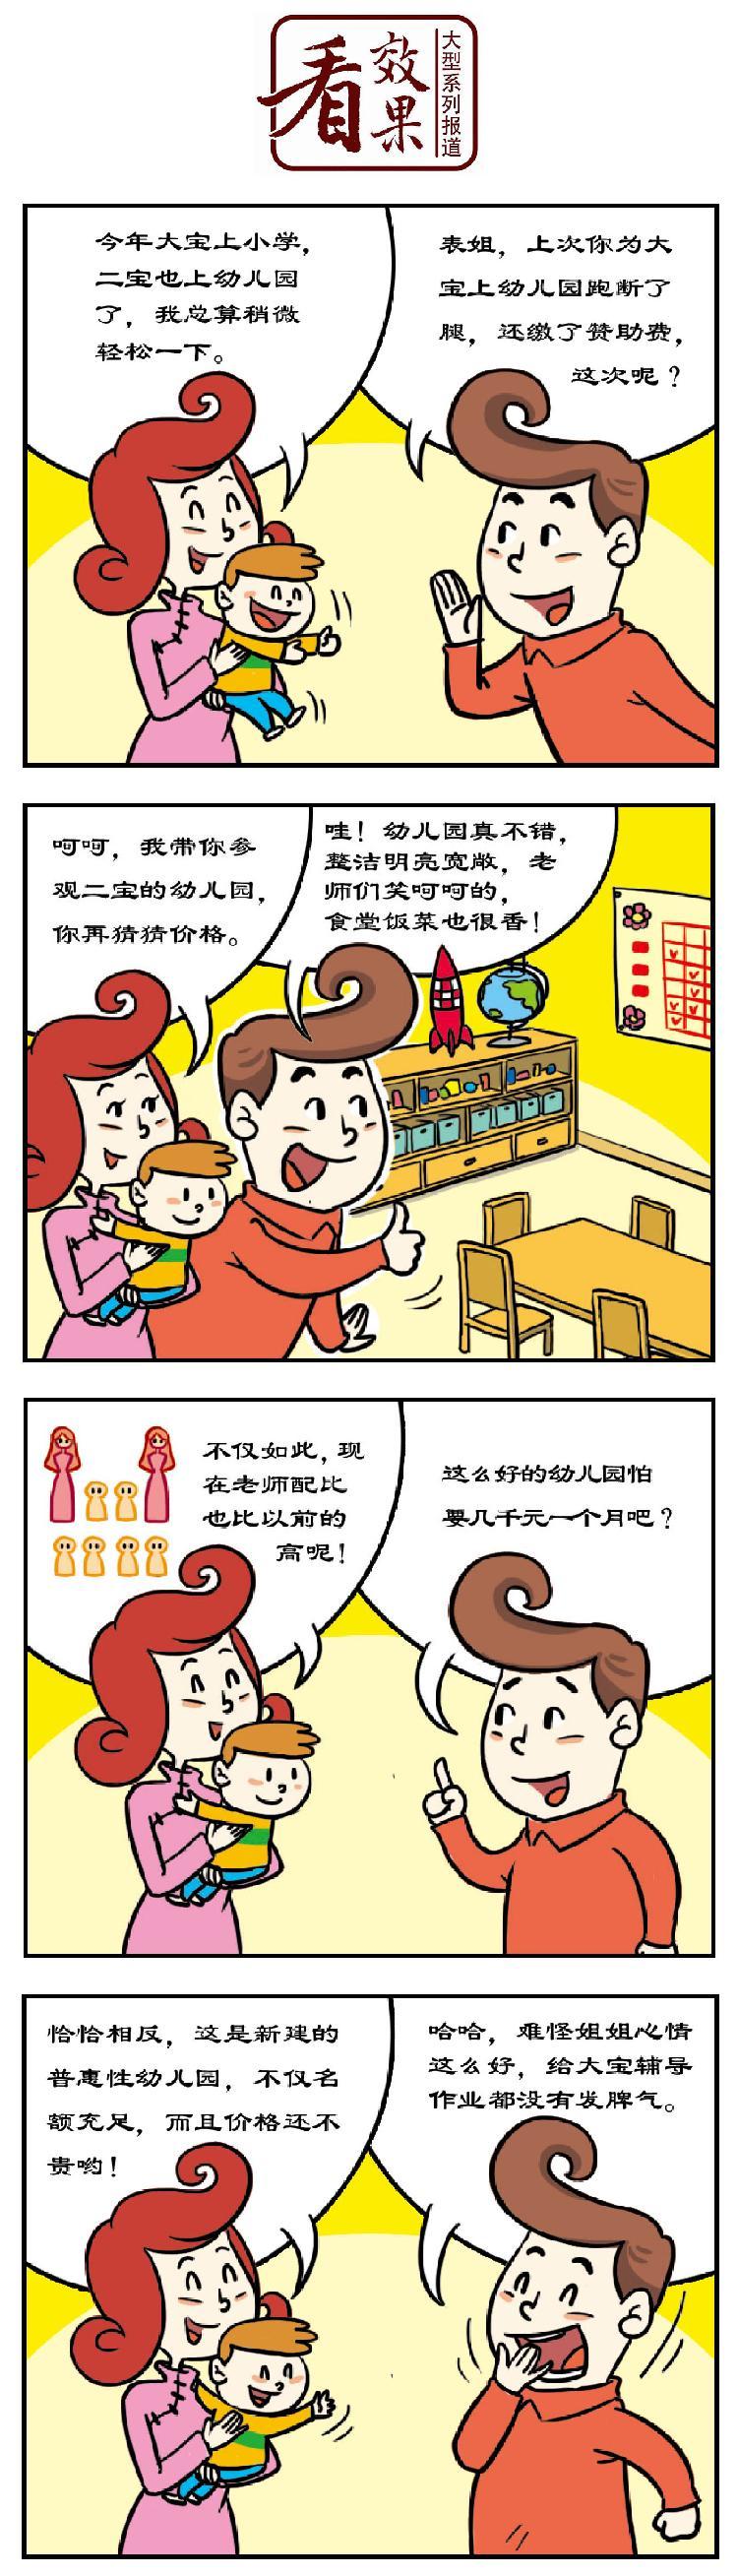 学前教育.jpg